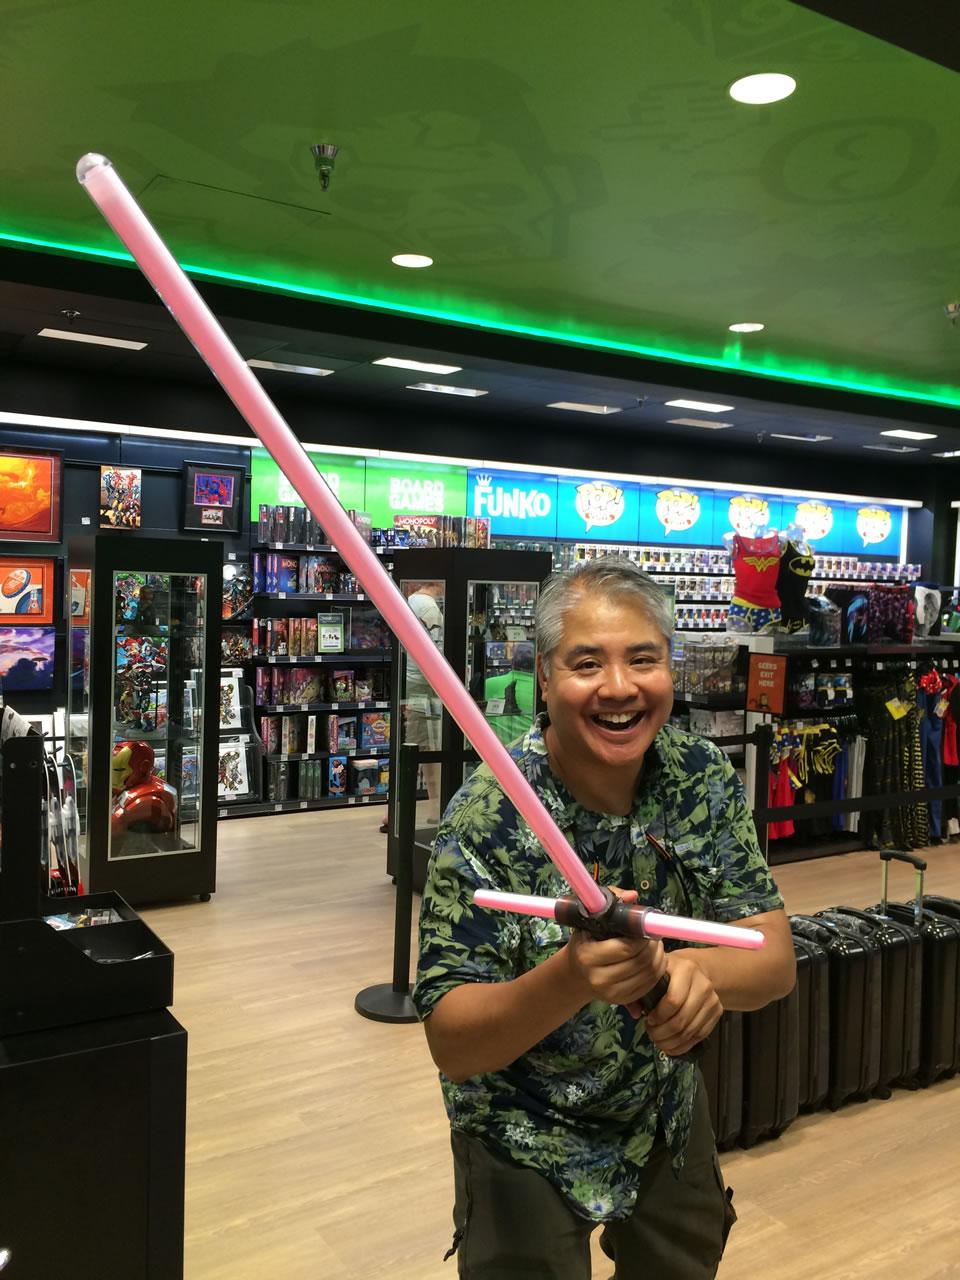 25 thinkgeek store - joey and kylo ren lightsaber